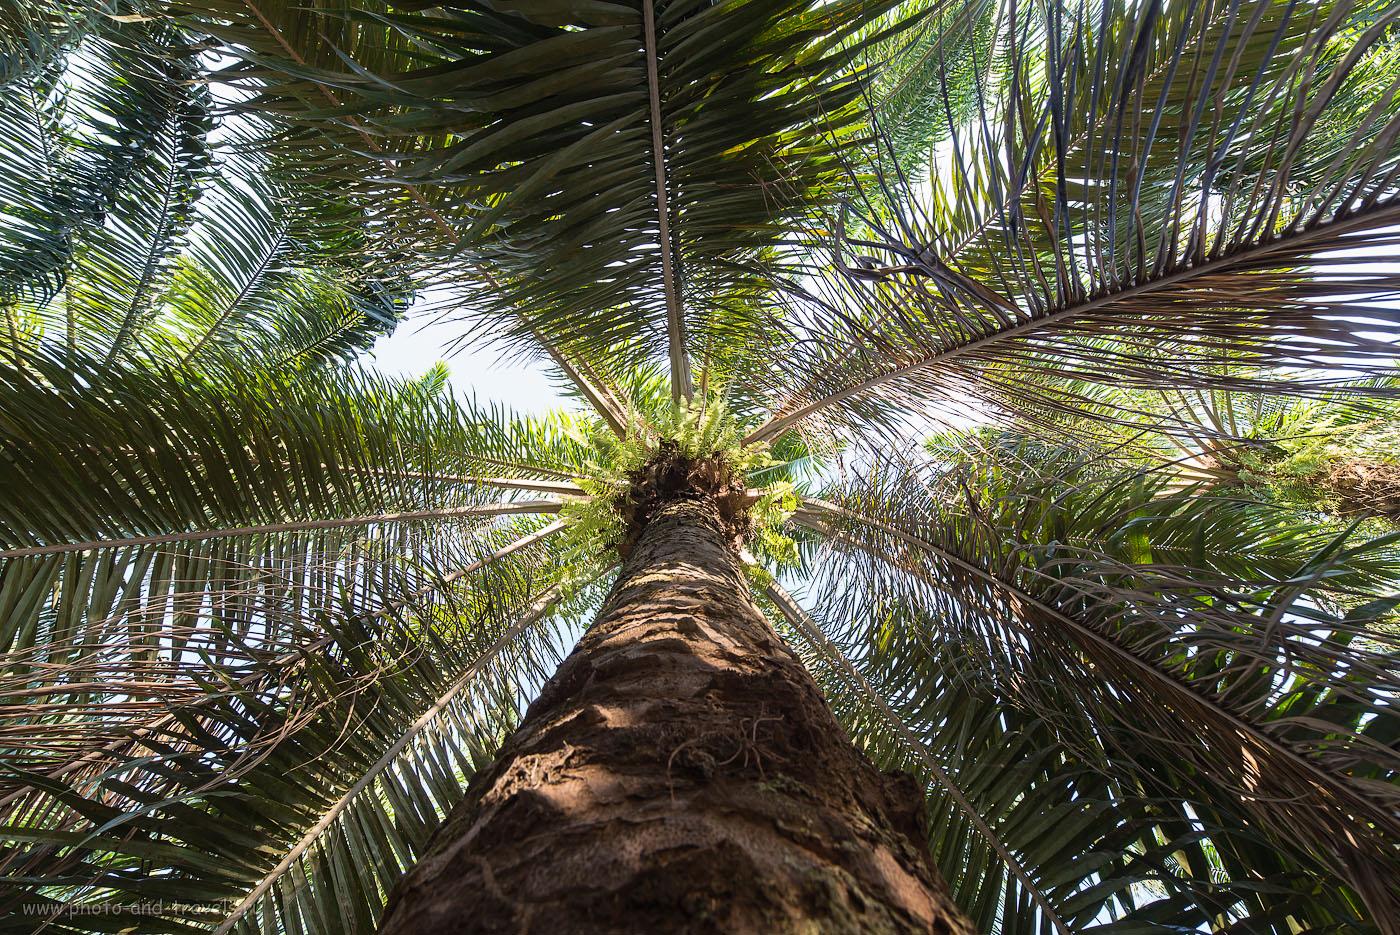 Фото 12. Поездка в провинцию Краби на отдых в Таиланде. Вид на пальму снизу (250, 14, 8.0, 1/40)